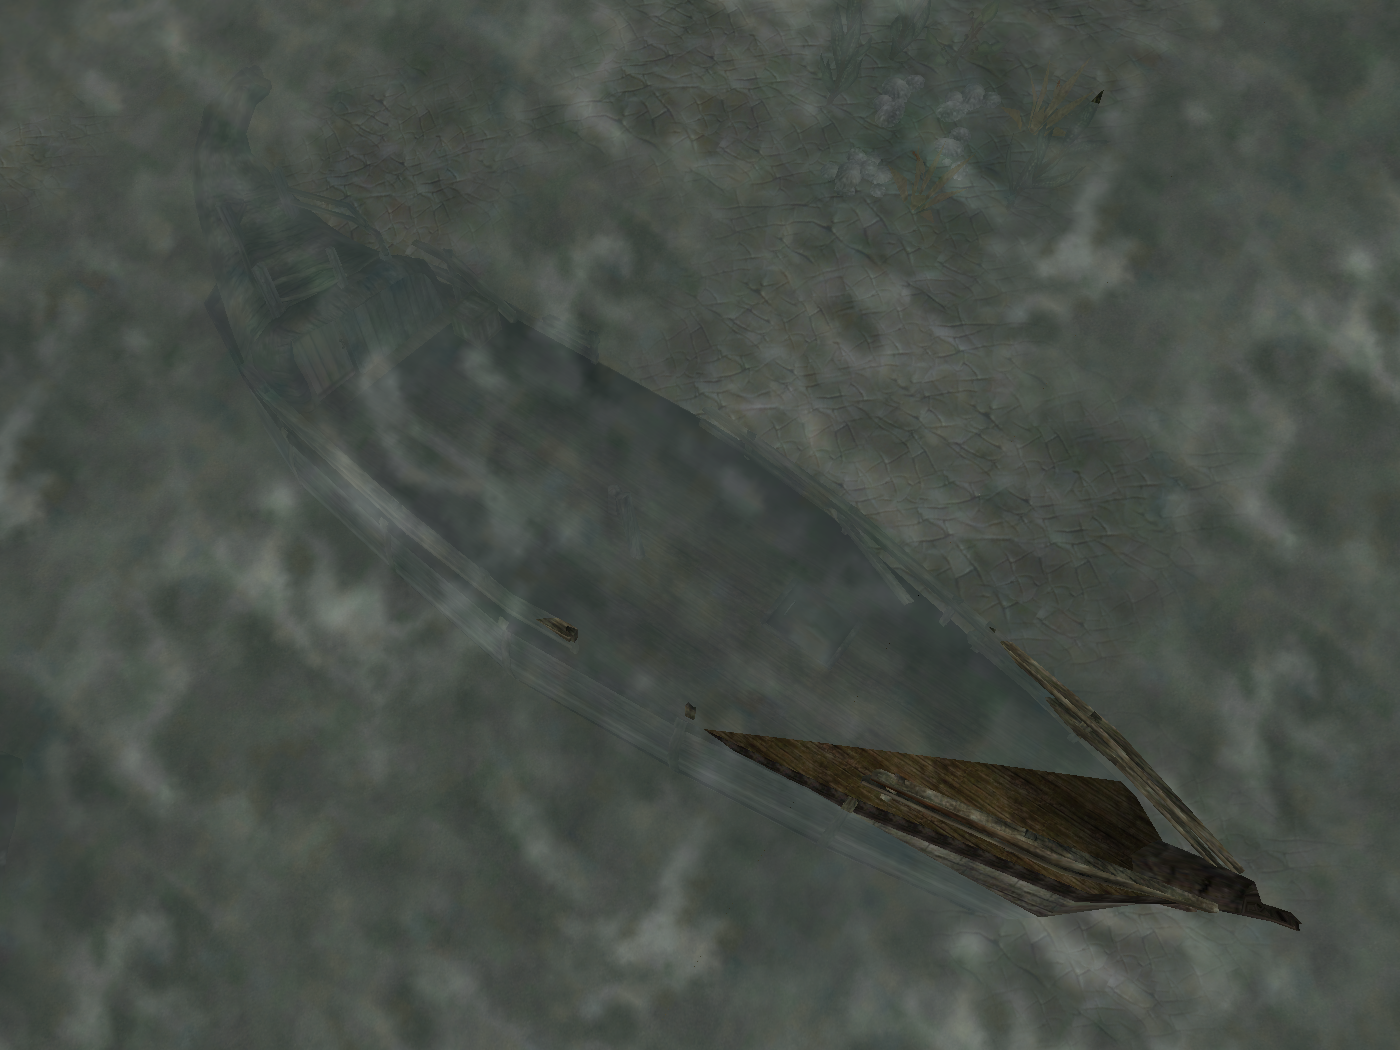 Deserted Shipwreck